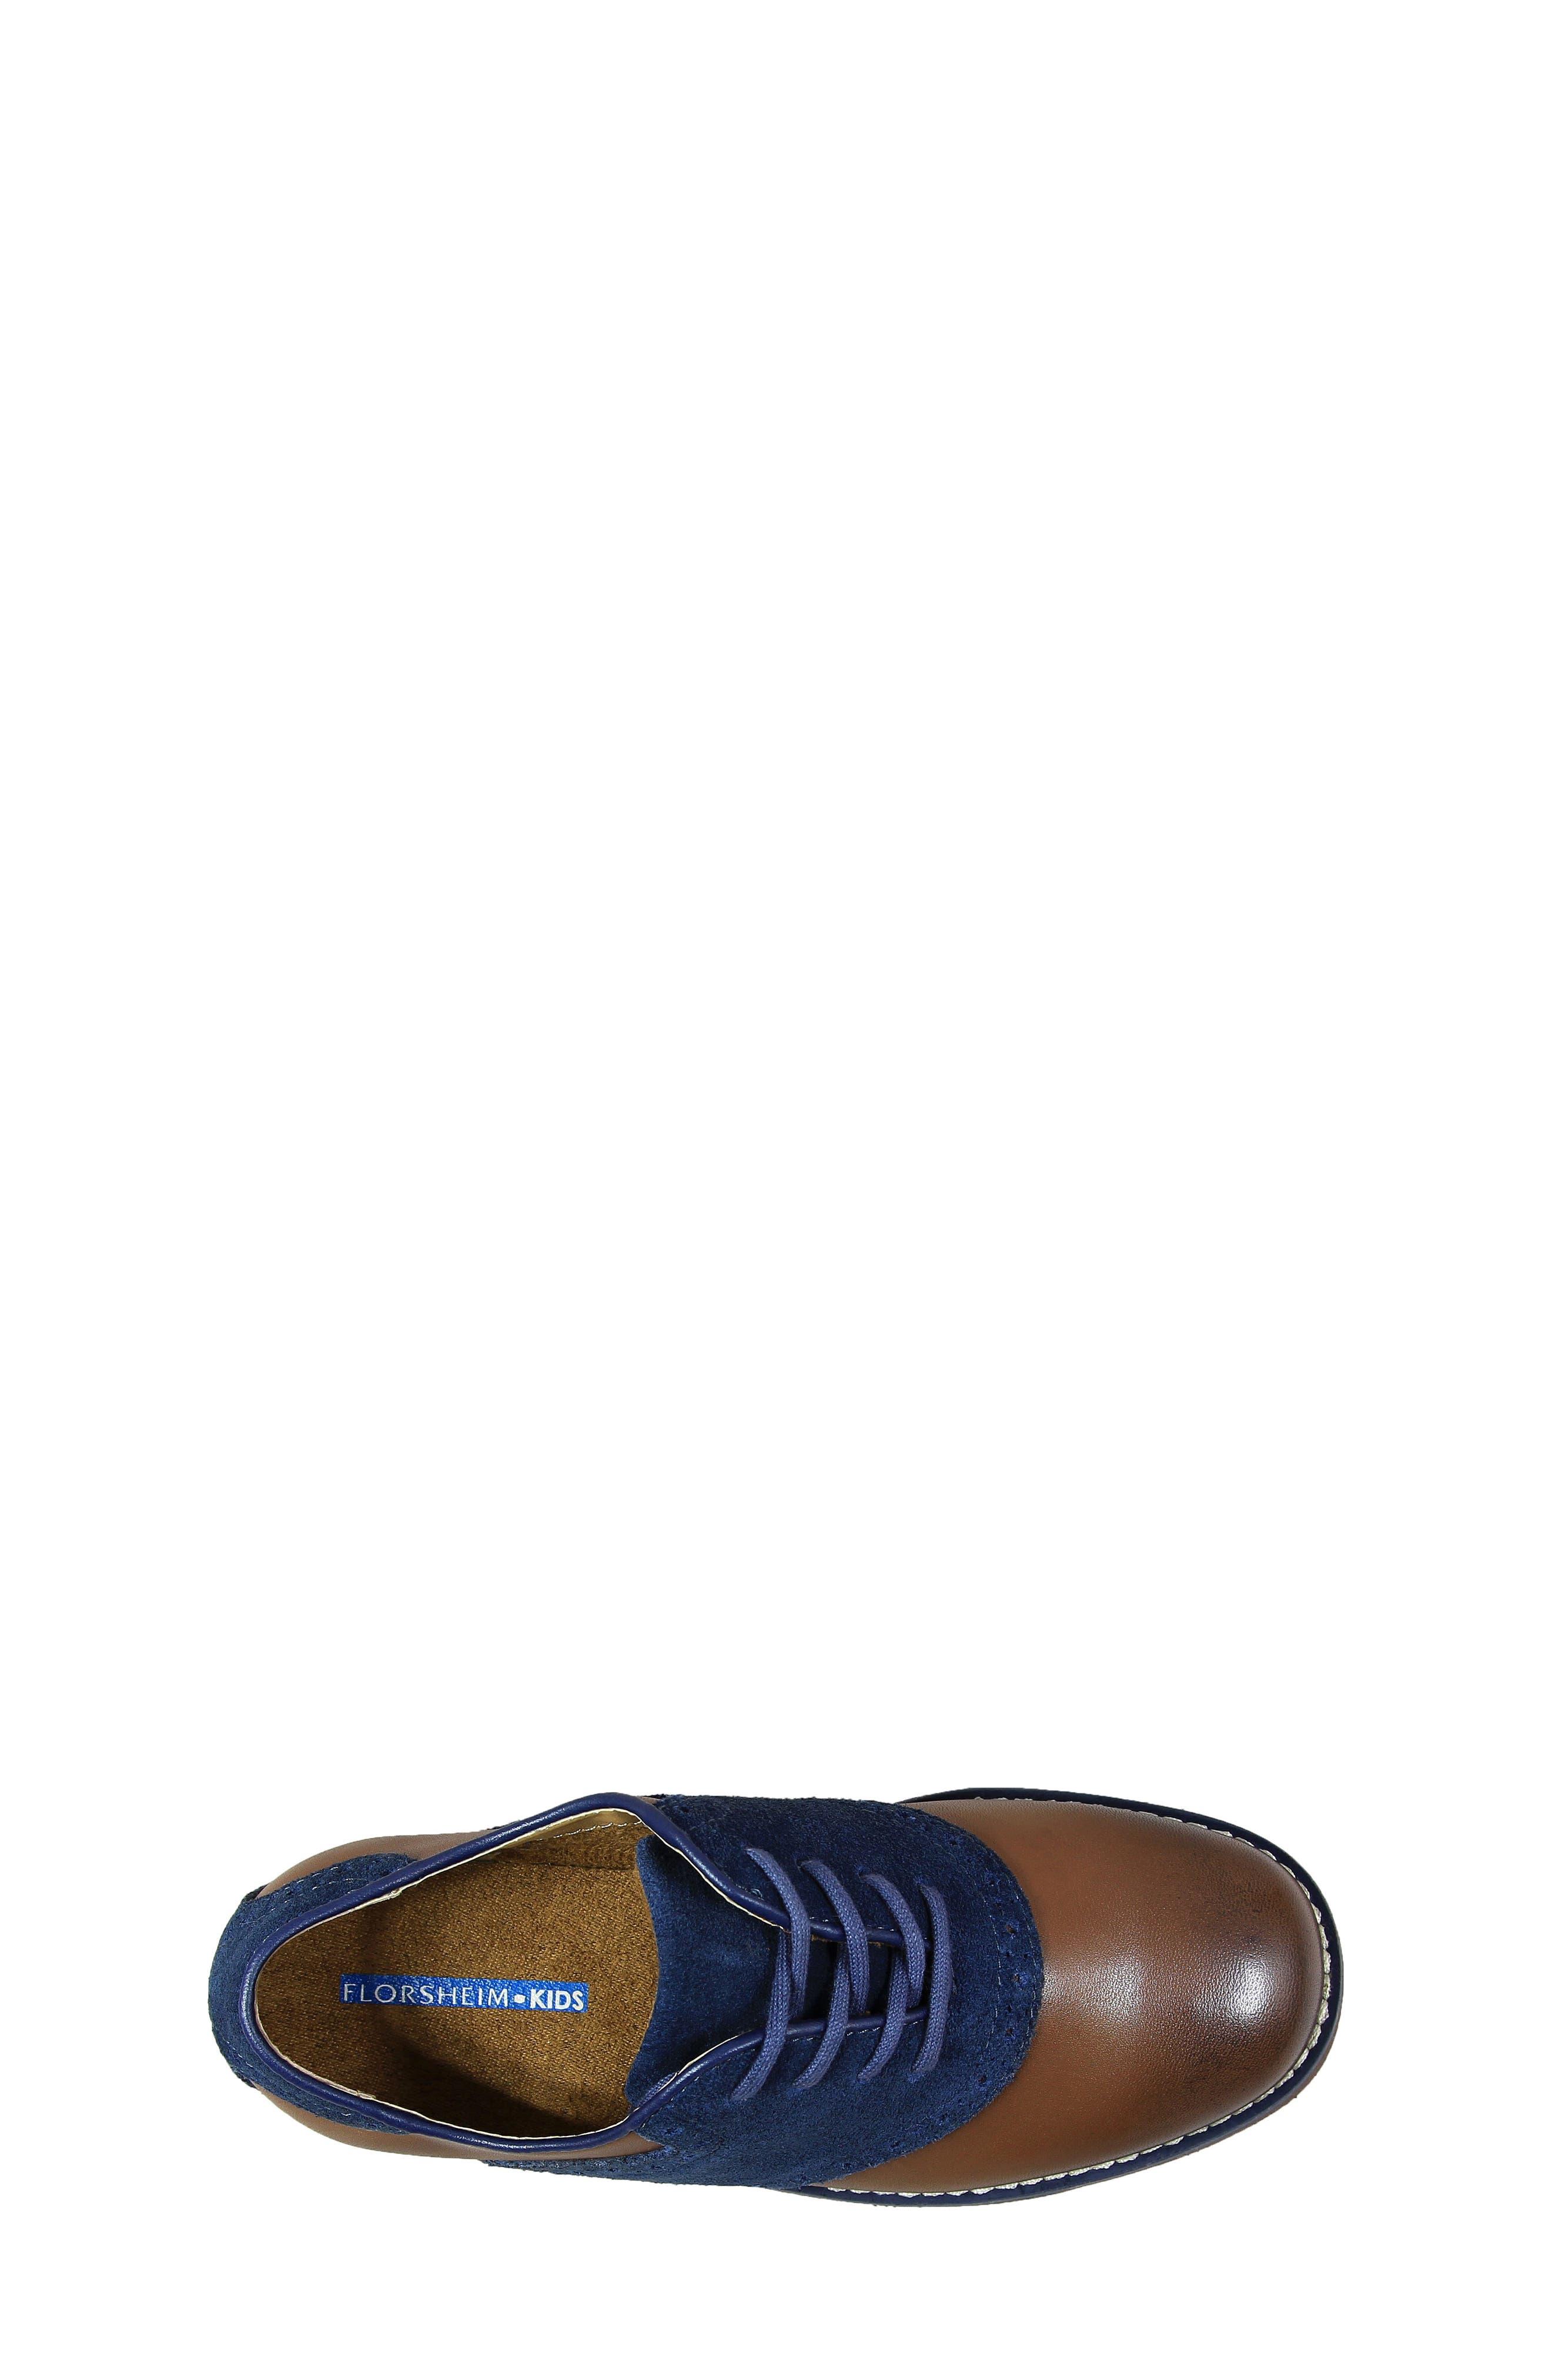 Alternate Image 5  - Florsheim 'Kennett Jr. II' Saddle Shoe (Toddler, Little Kid & Big Kid)